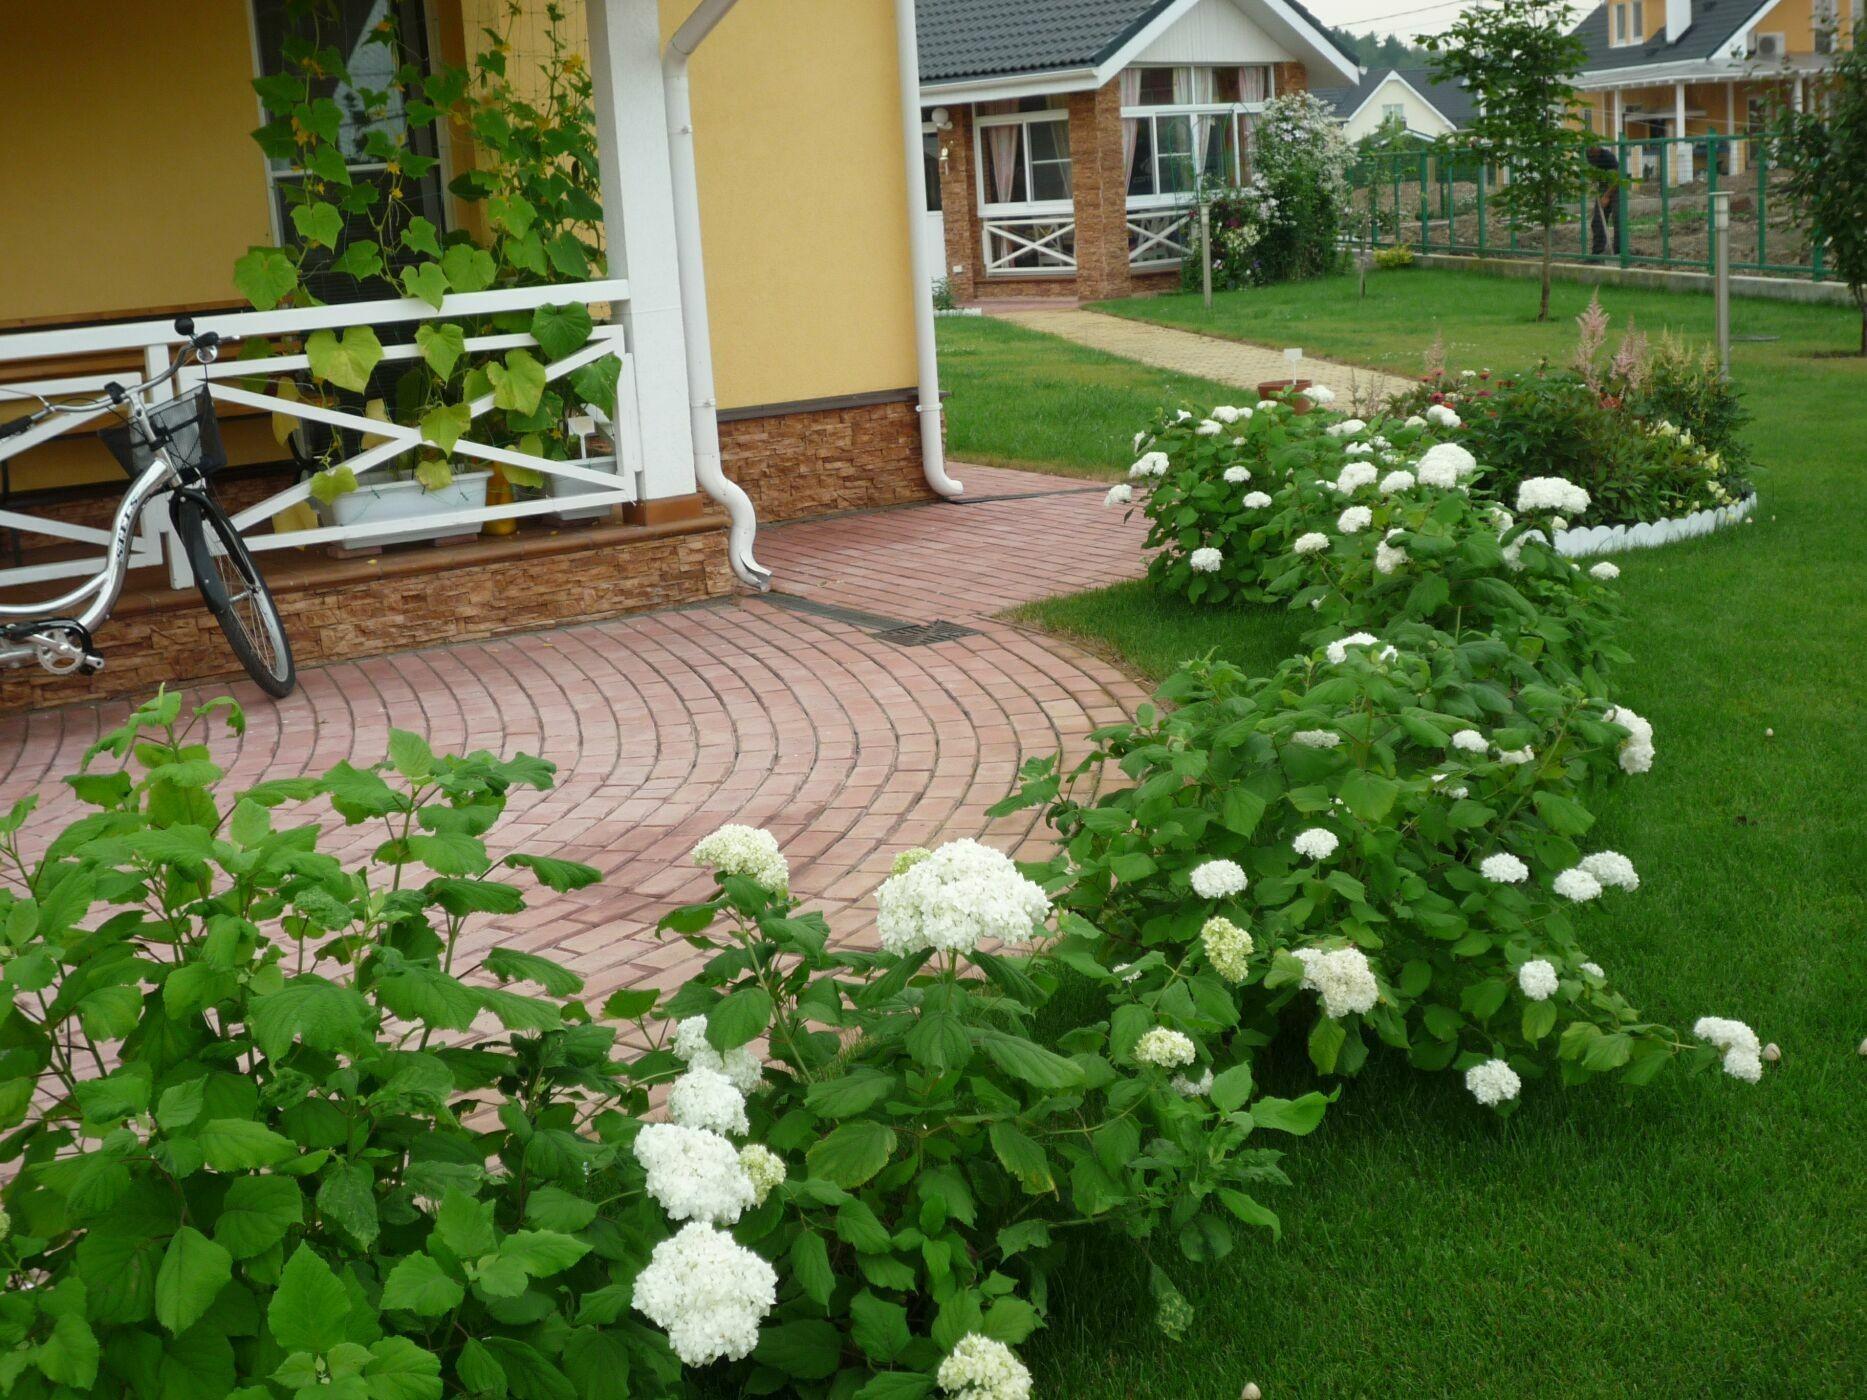 Совместимость овощей в теплице Сайт о саде, даче и комнатных растениях 76